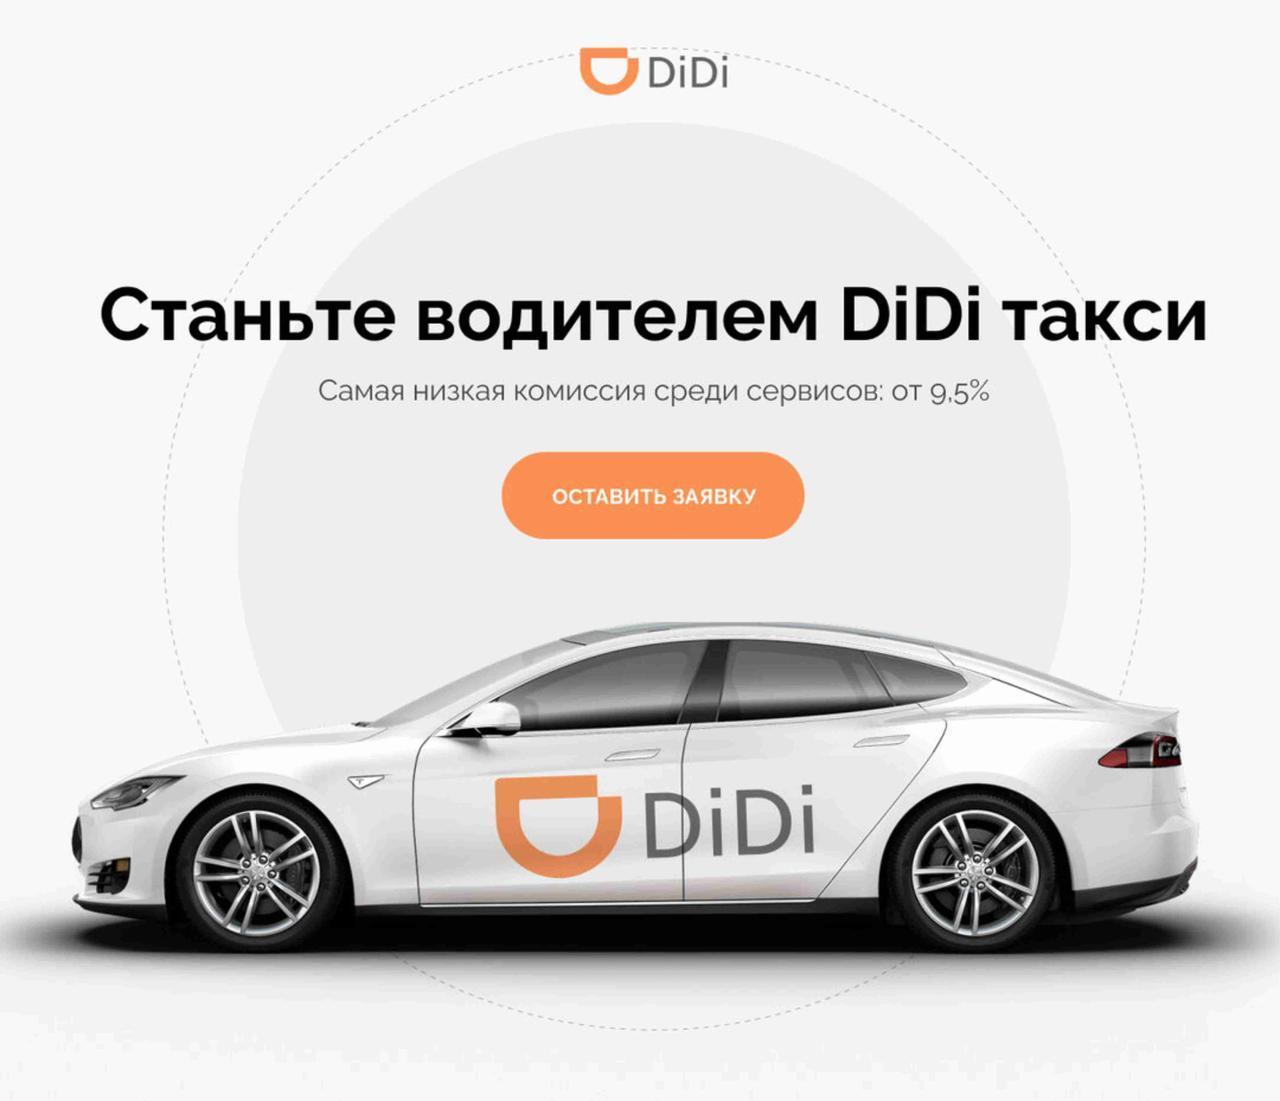 Какие требования к указателям мне нужны? DiDi такси онлайн